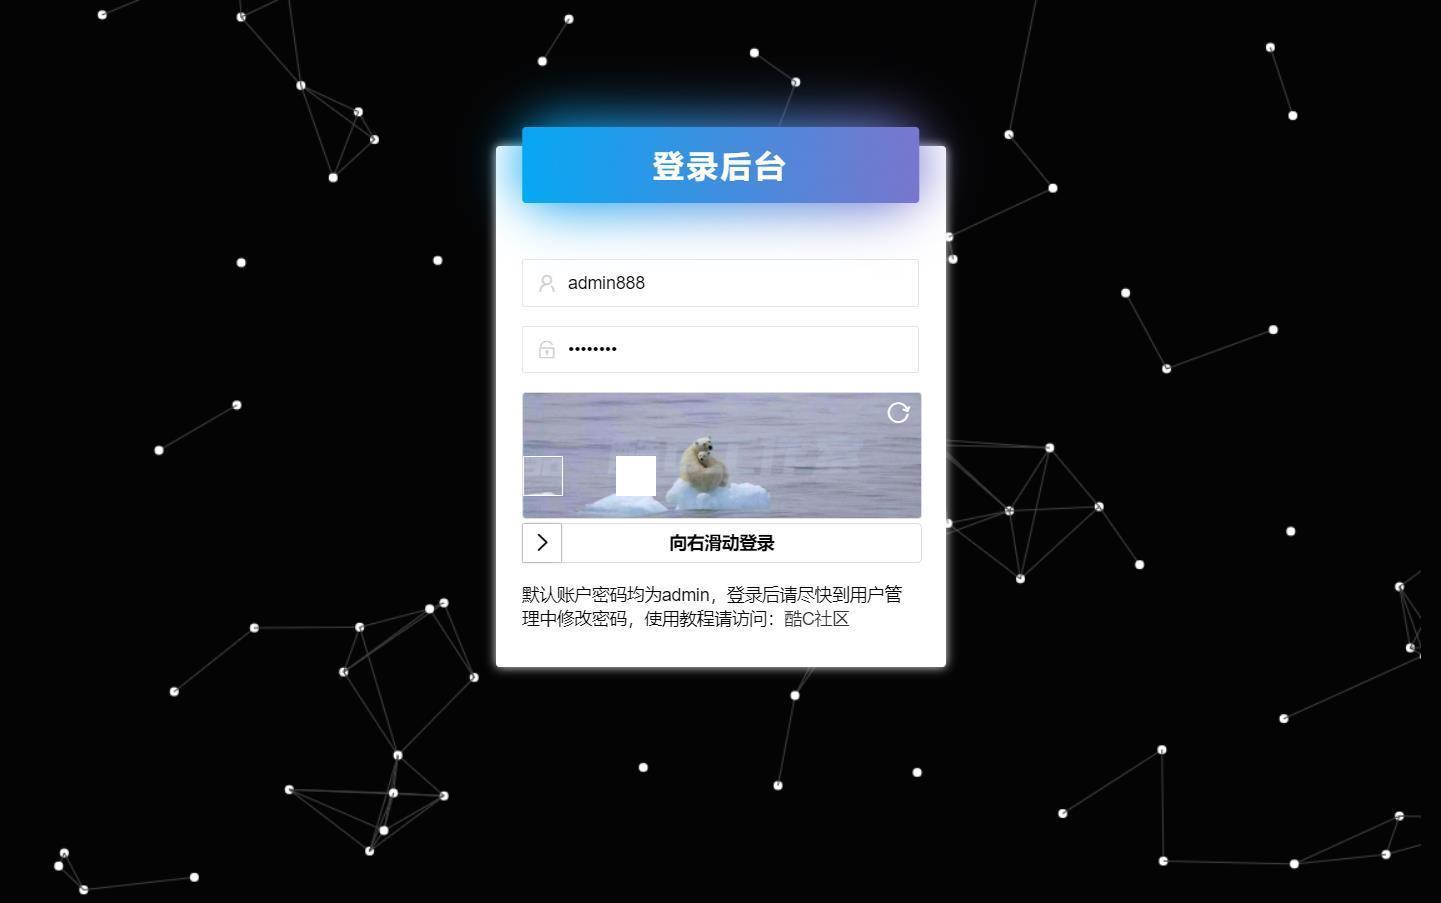 免费丨E2ee酷C发卡网开源网站源码 免部署一键安装简单智能 源码免费下载